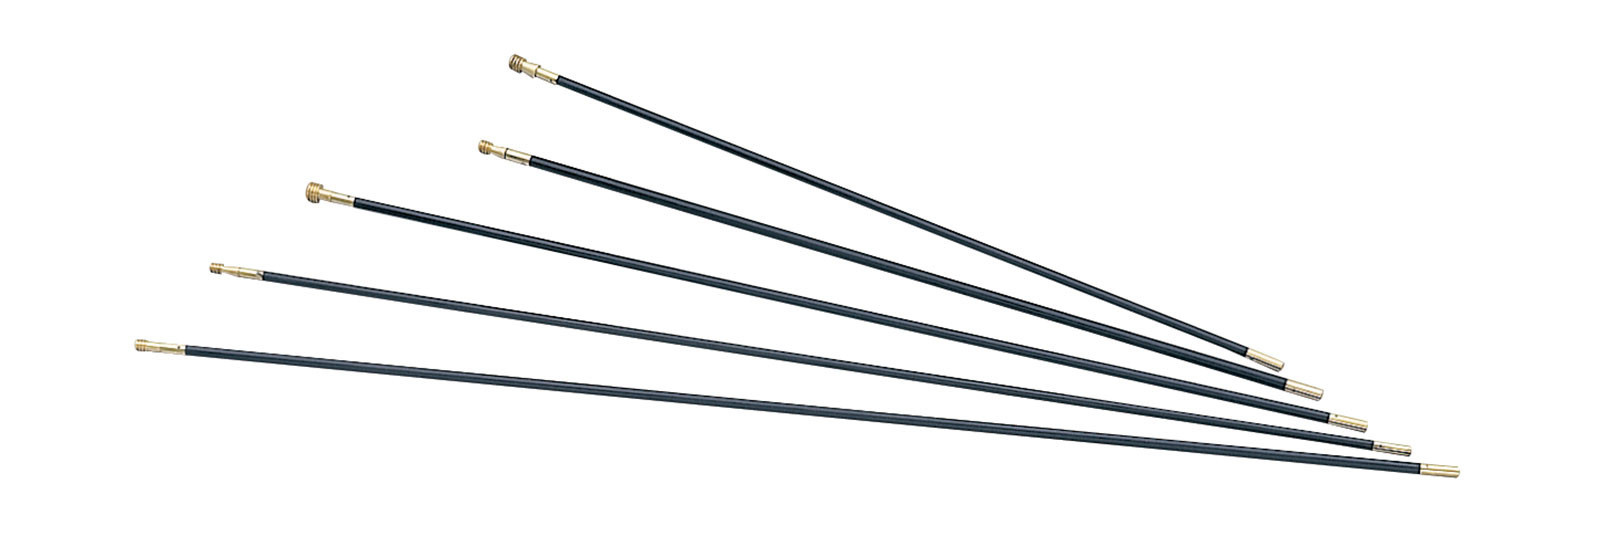 Muzzleloading Fiberglass ramrods 7x1060 mm